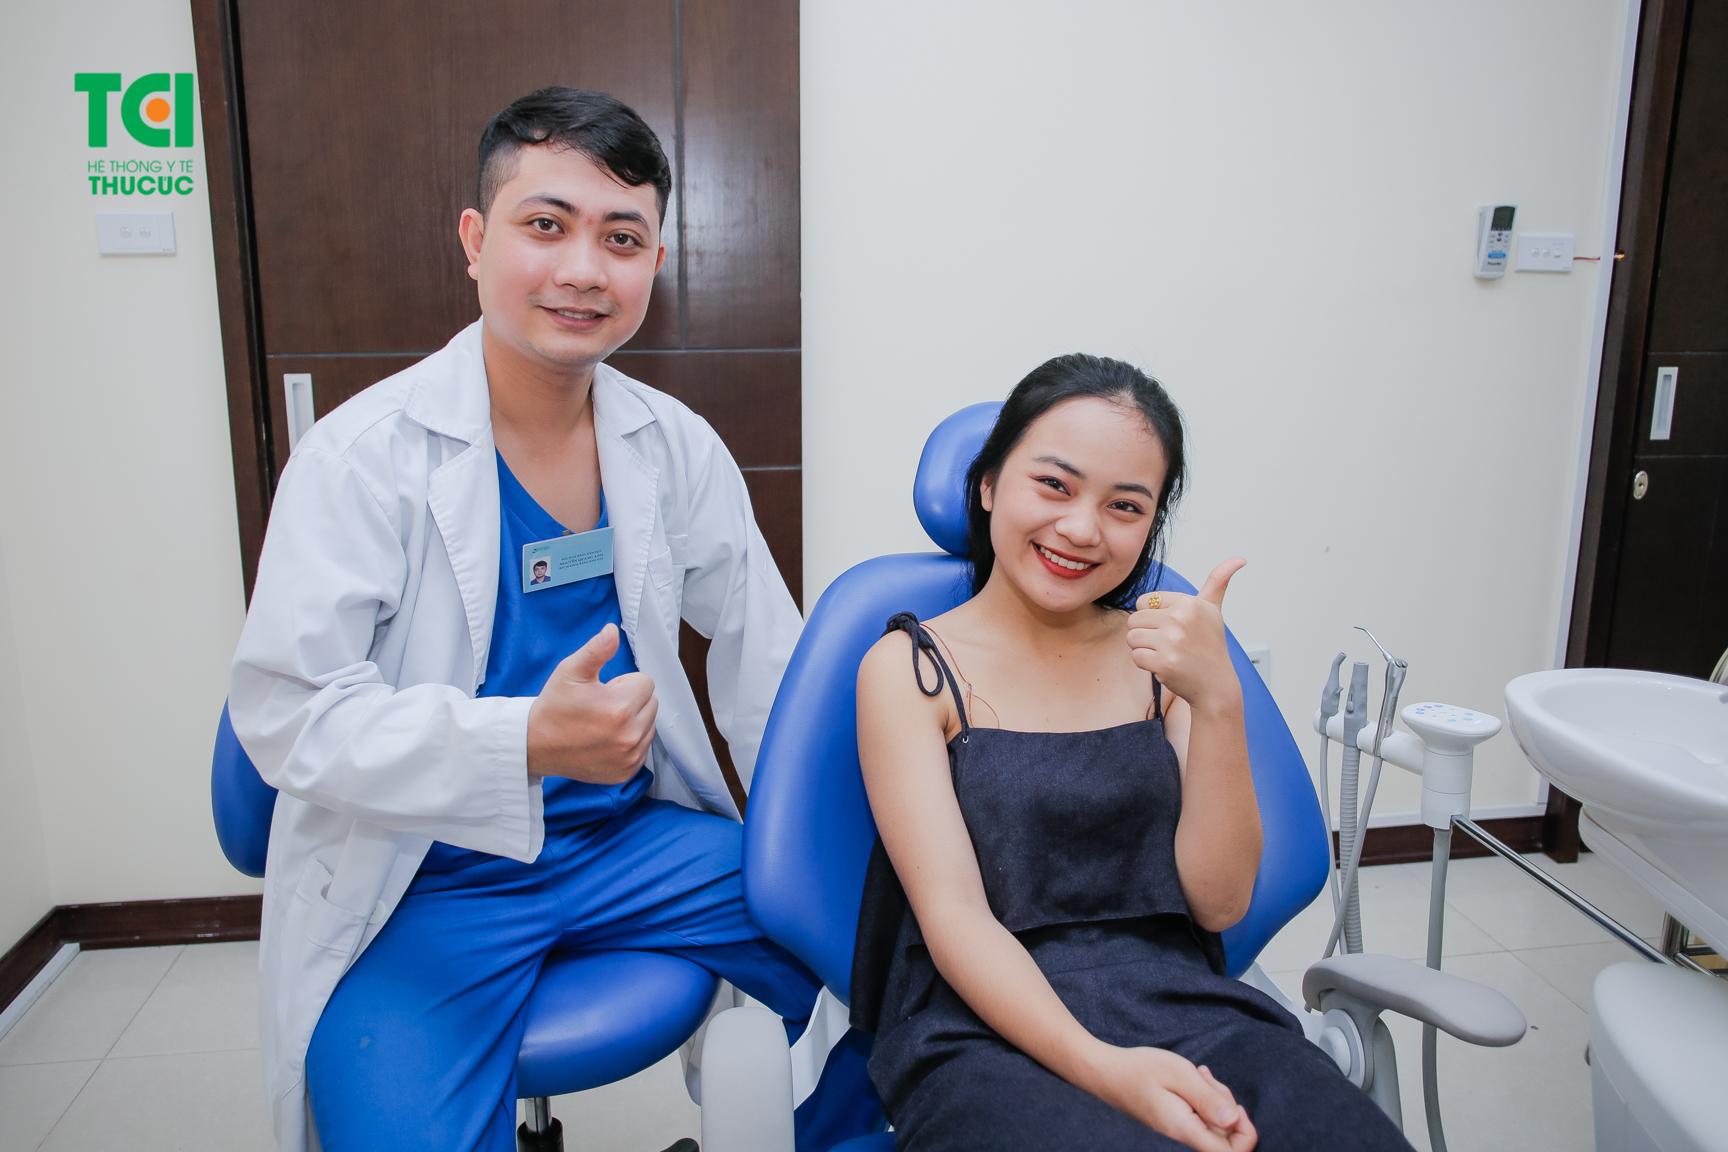 Trồng răng Implant - Công nghệ hiện đại kiến tạo nụ cười tại Hệ thống Y tế Thu Cúc